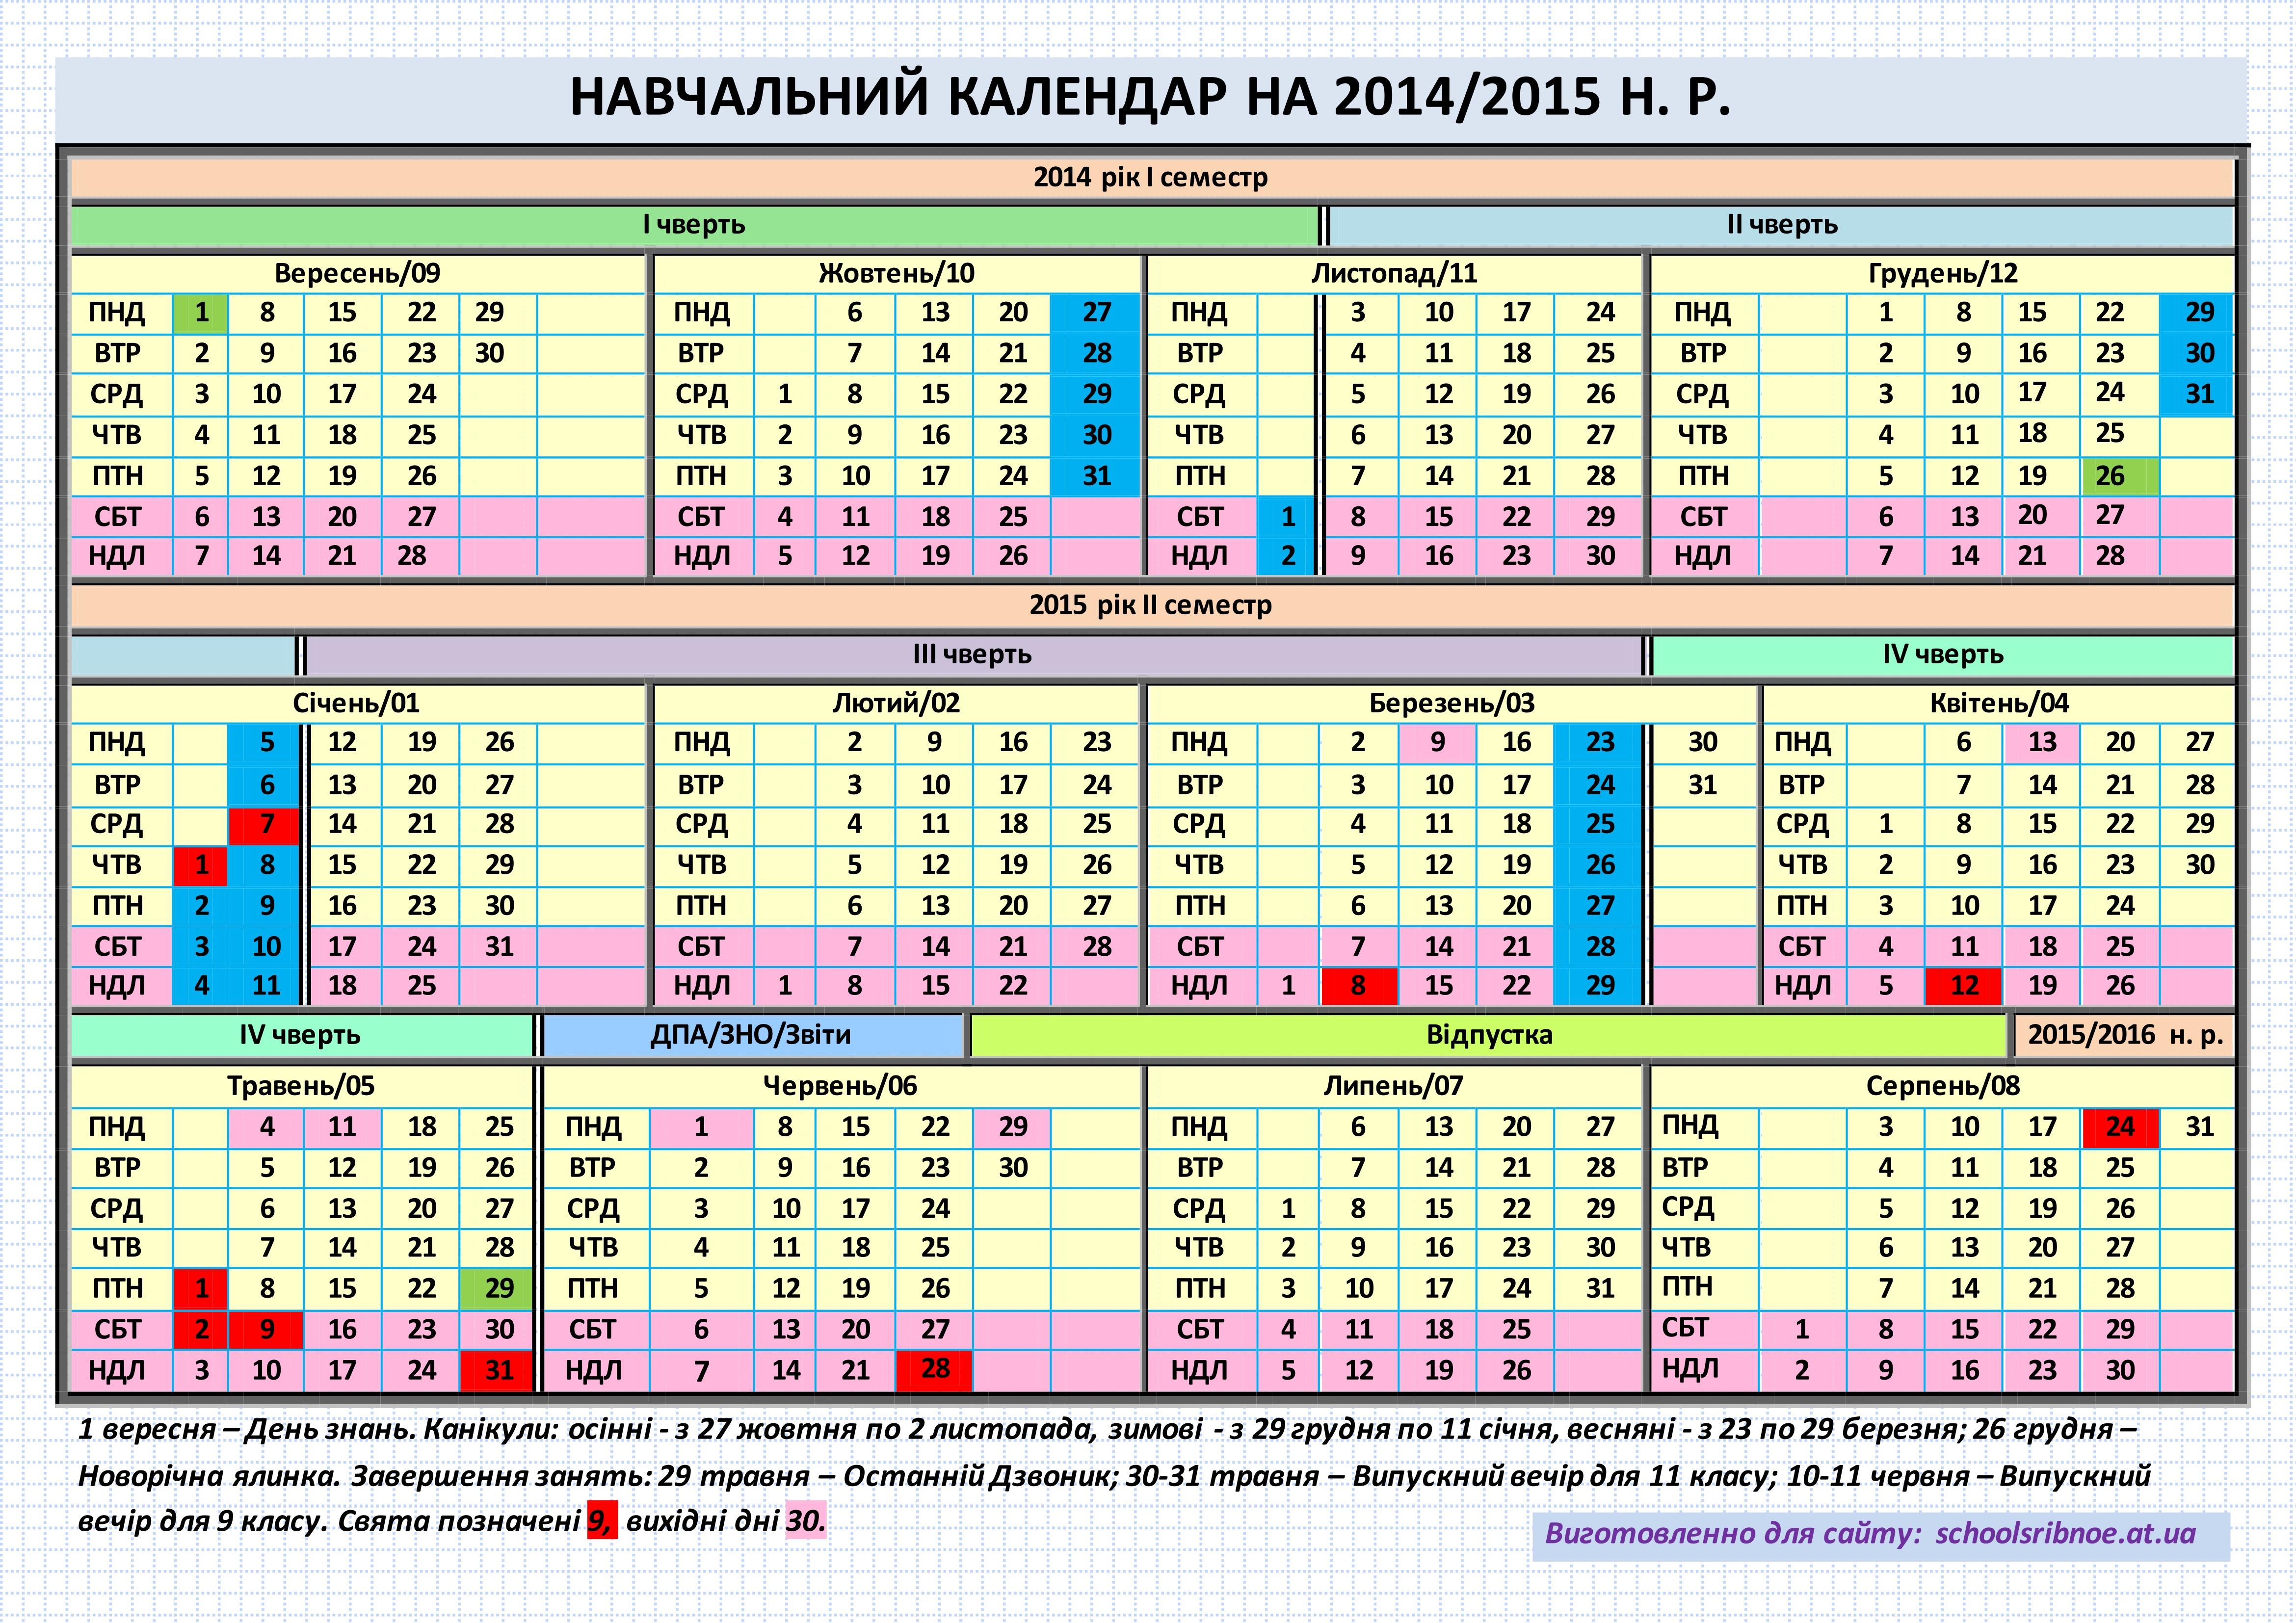 Переглядів.  Липень.  Навчальний календар на 2014/2015 н.р. Додав.